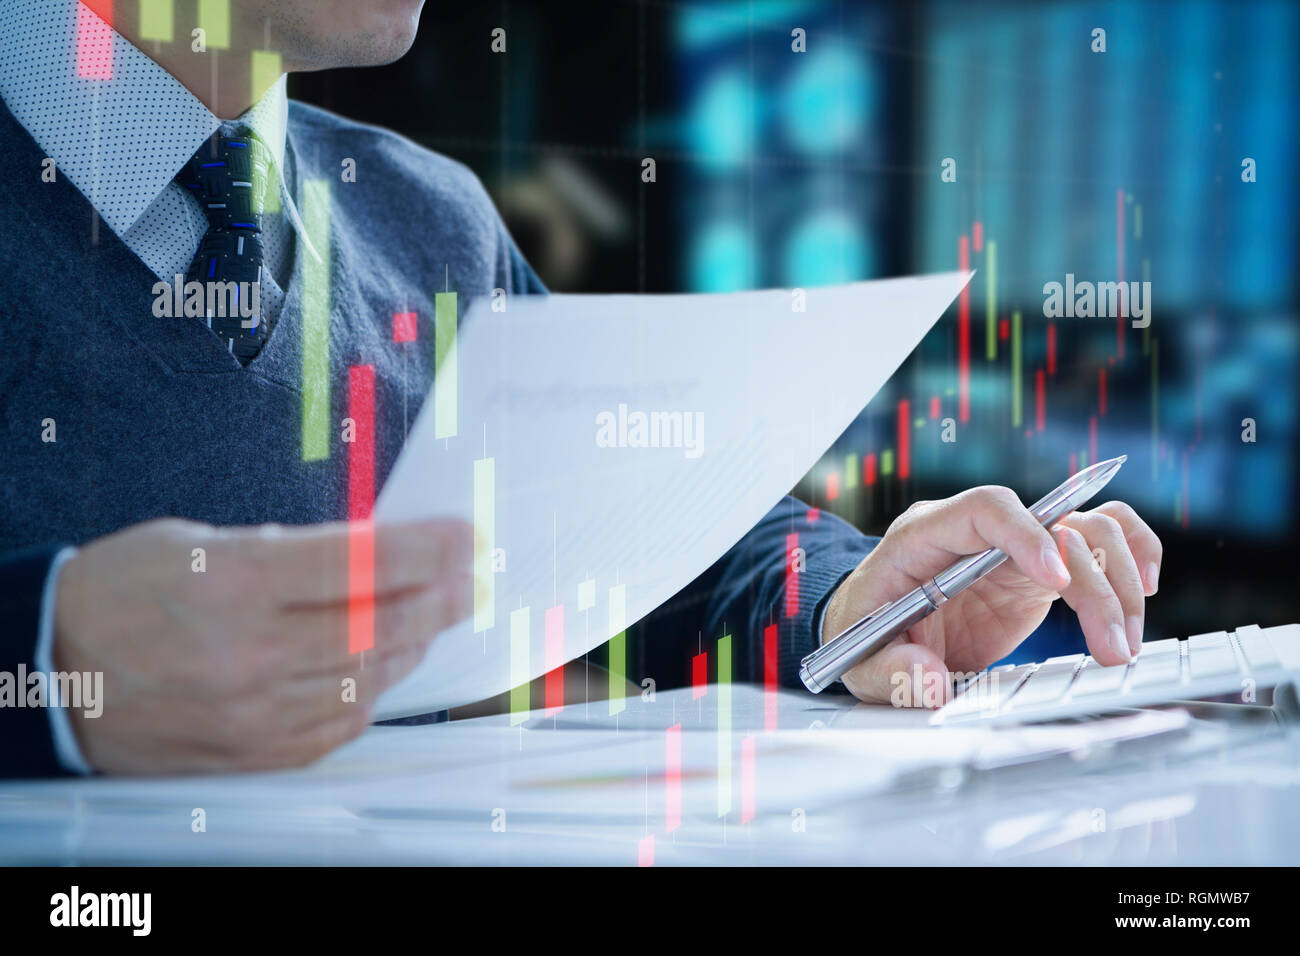 Unternehmer oder Manager im Büro Computer Tastatur drücken Sie Return on Investment, ROI, und einige Informationen über die Routinearbeiten. Stockbild